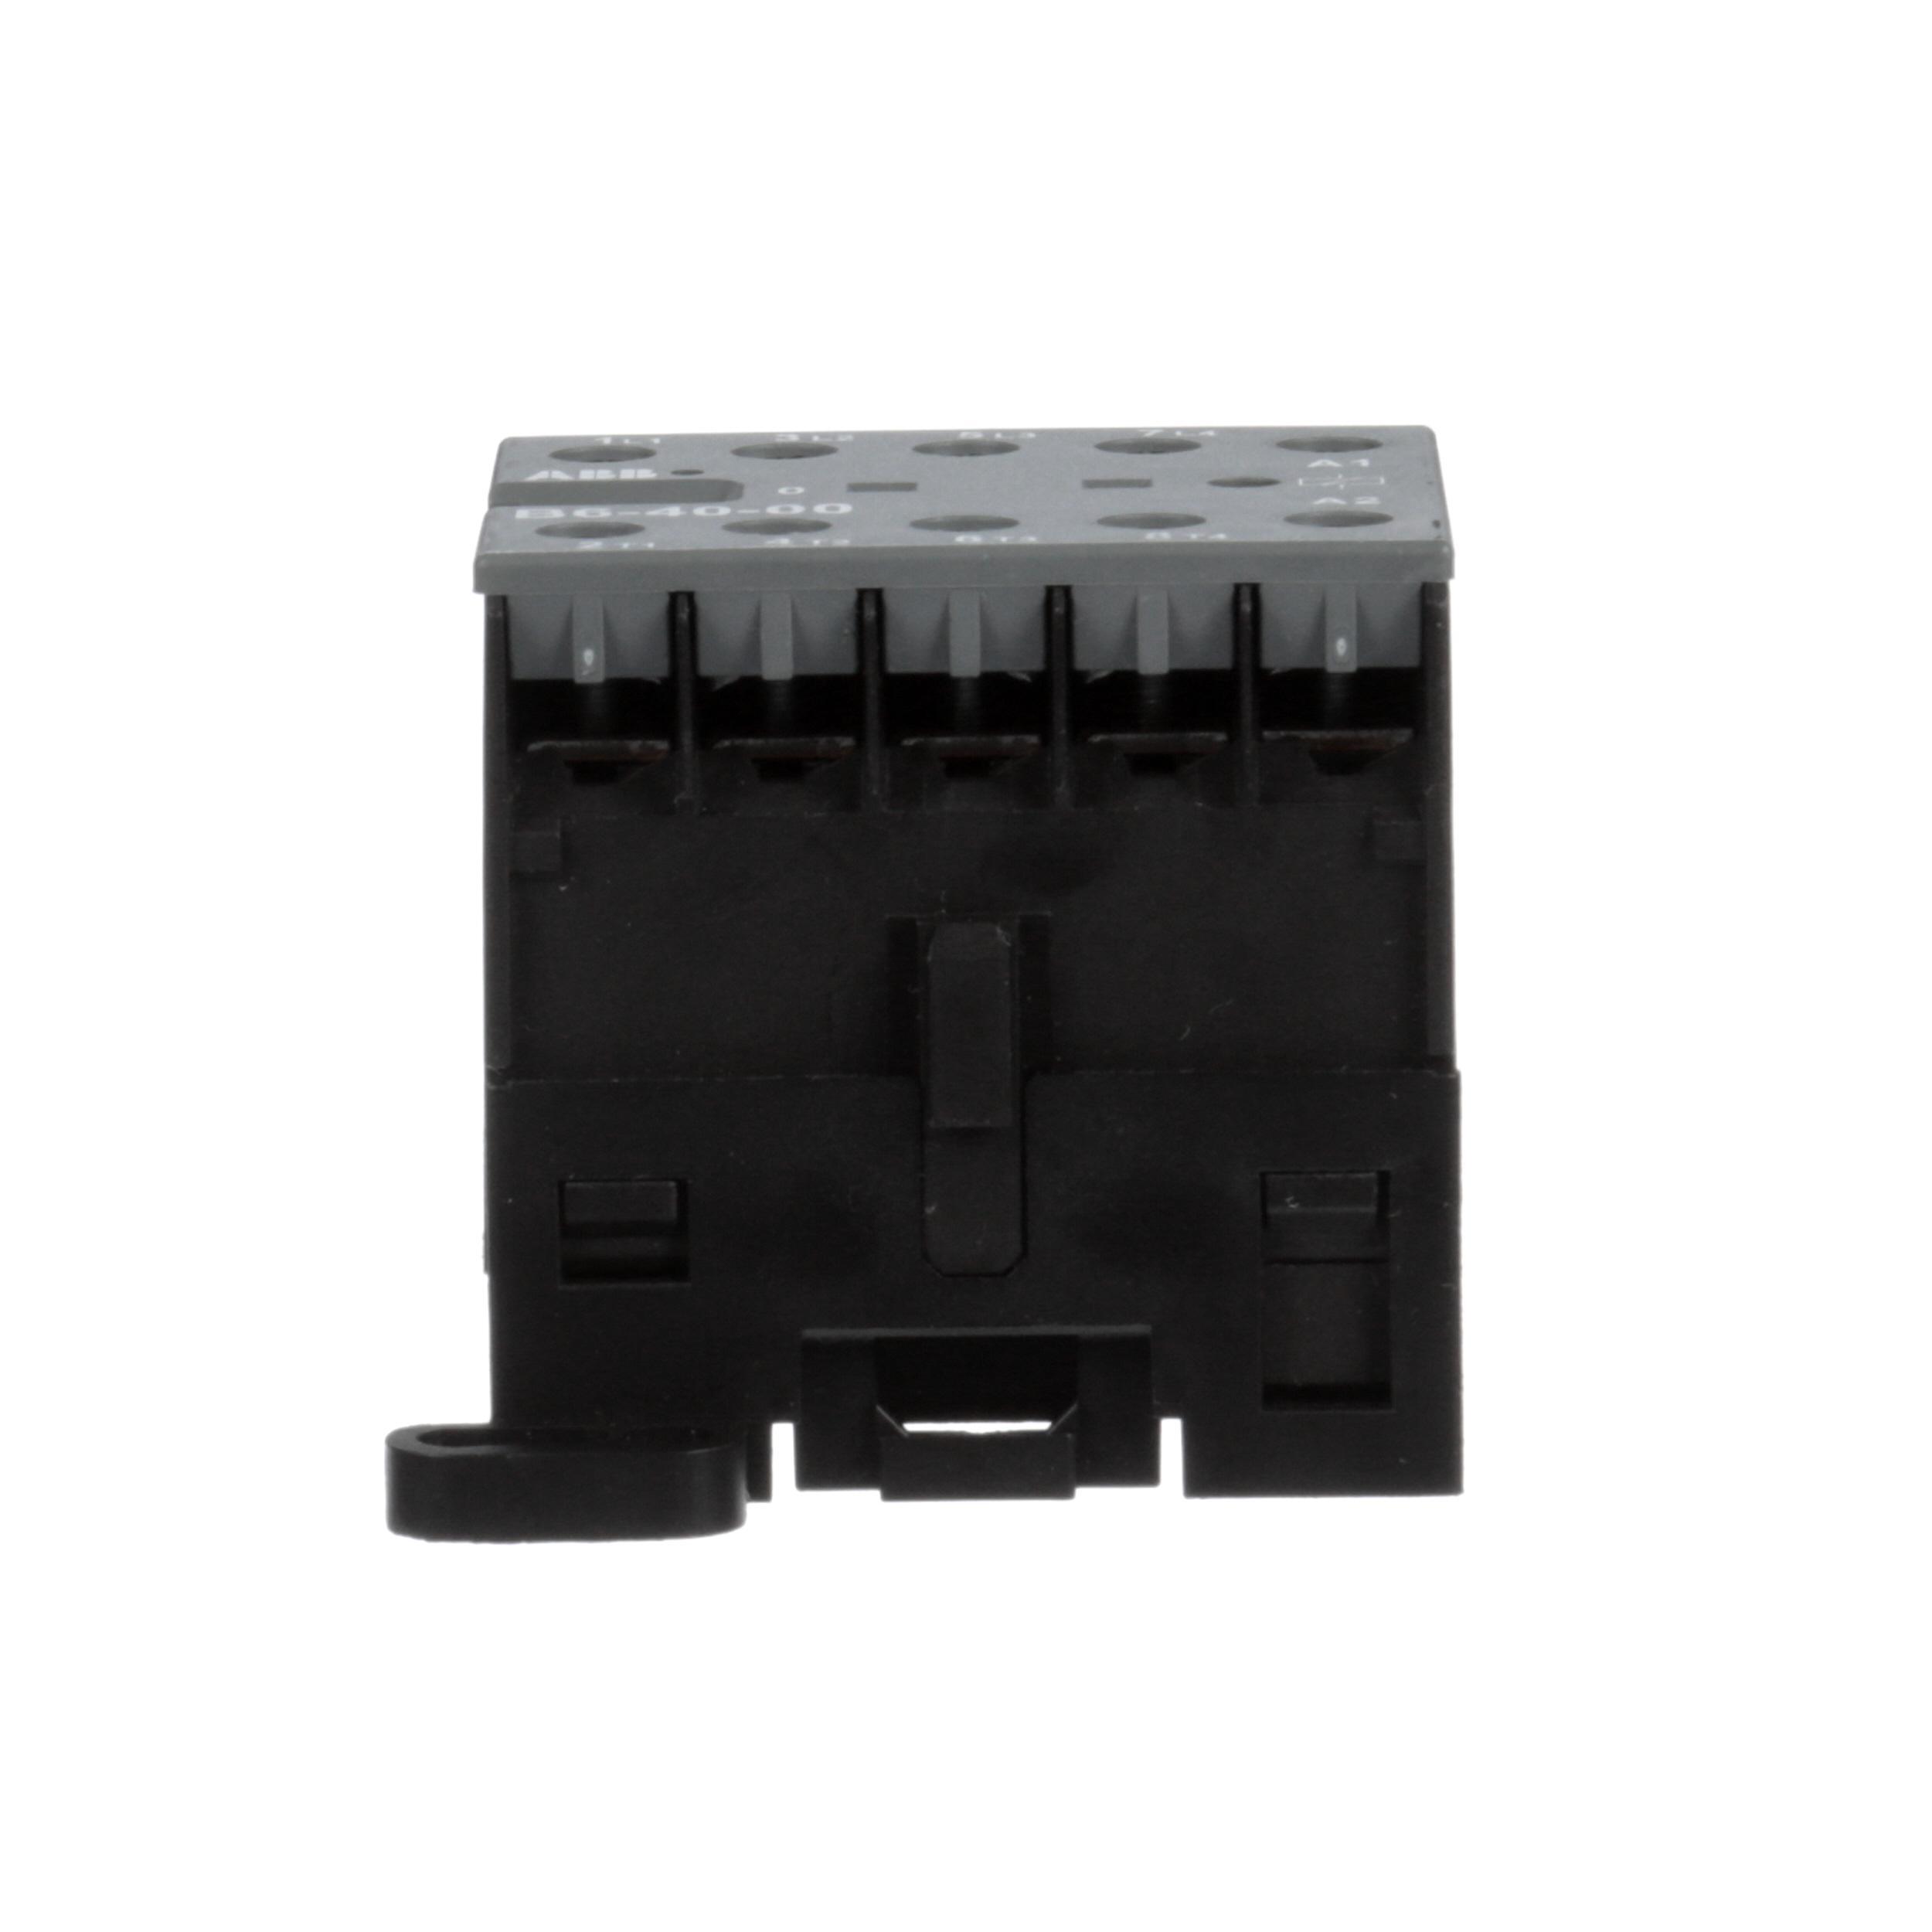 aht compressor contactor part 215304. Black Bedroom Furniture Sets. Home Design Ideas